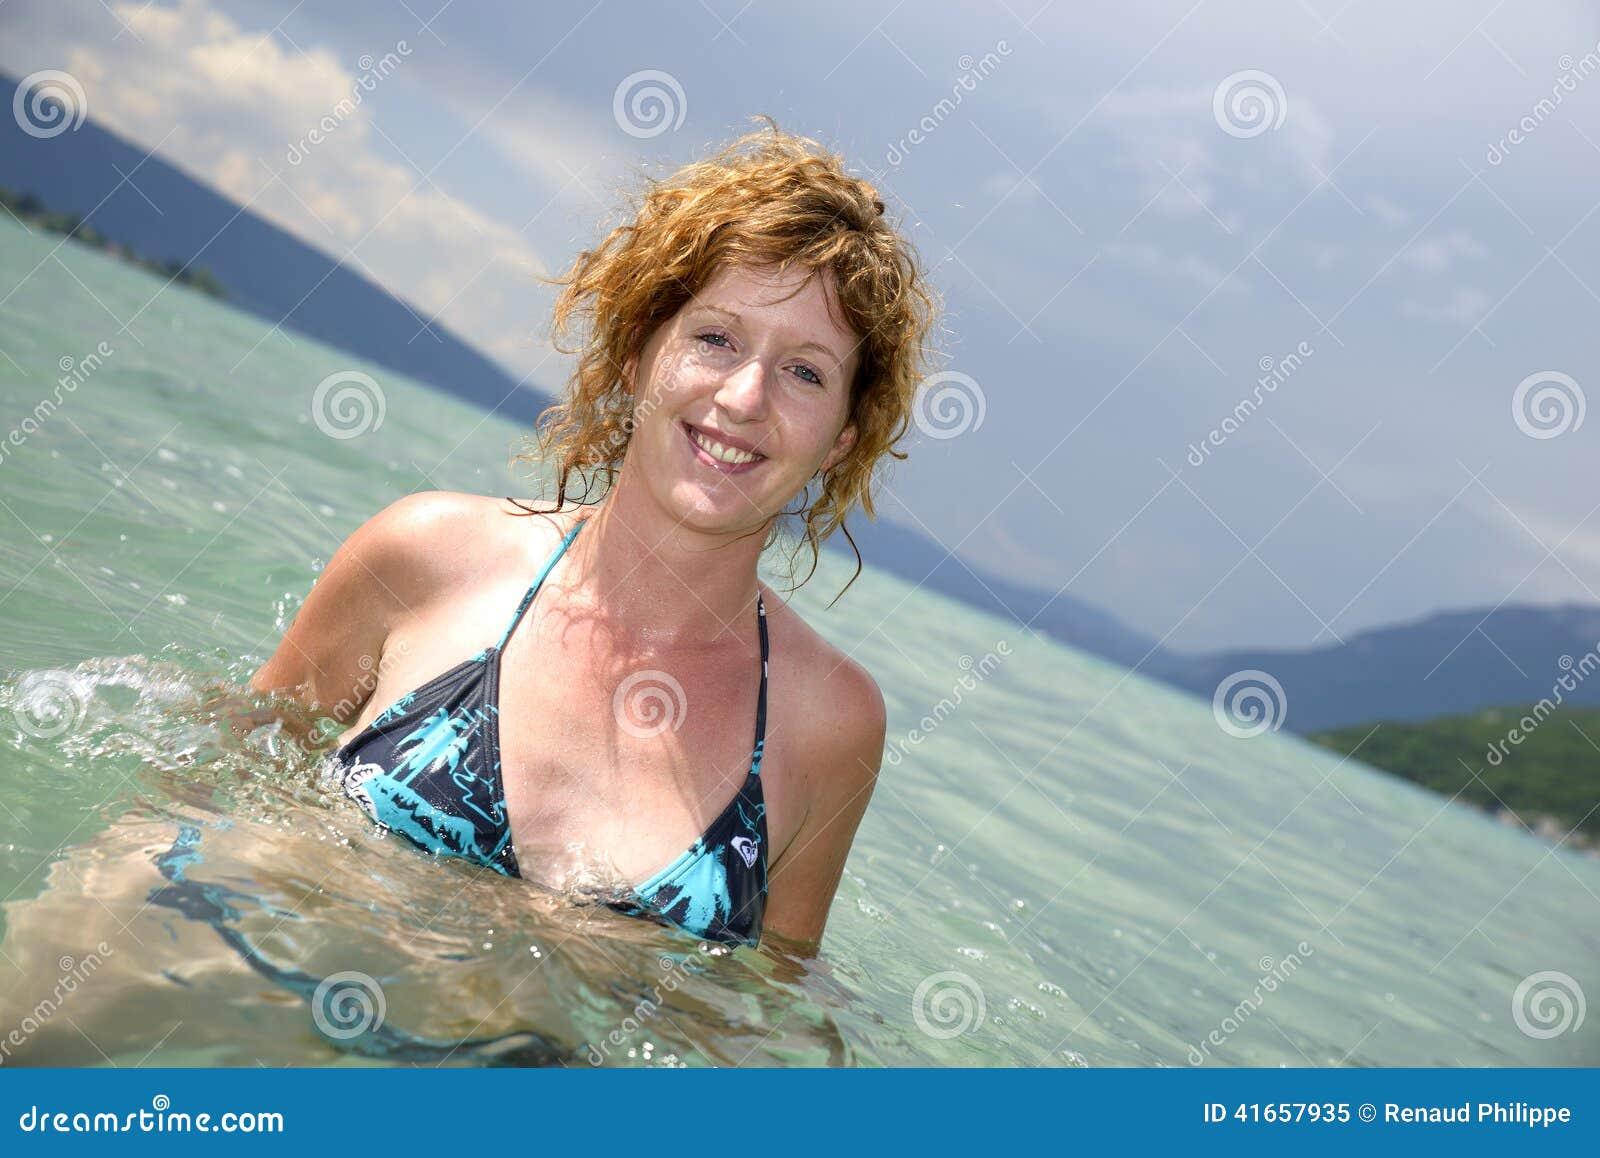 girl taking redhead bath Beautiful